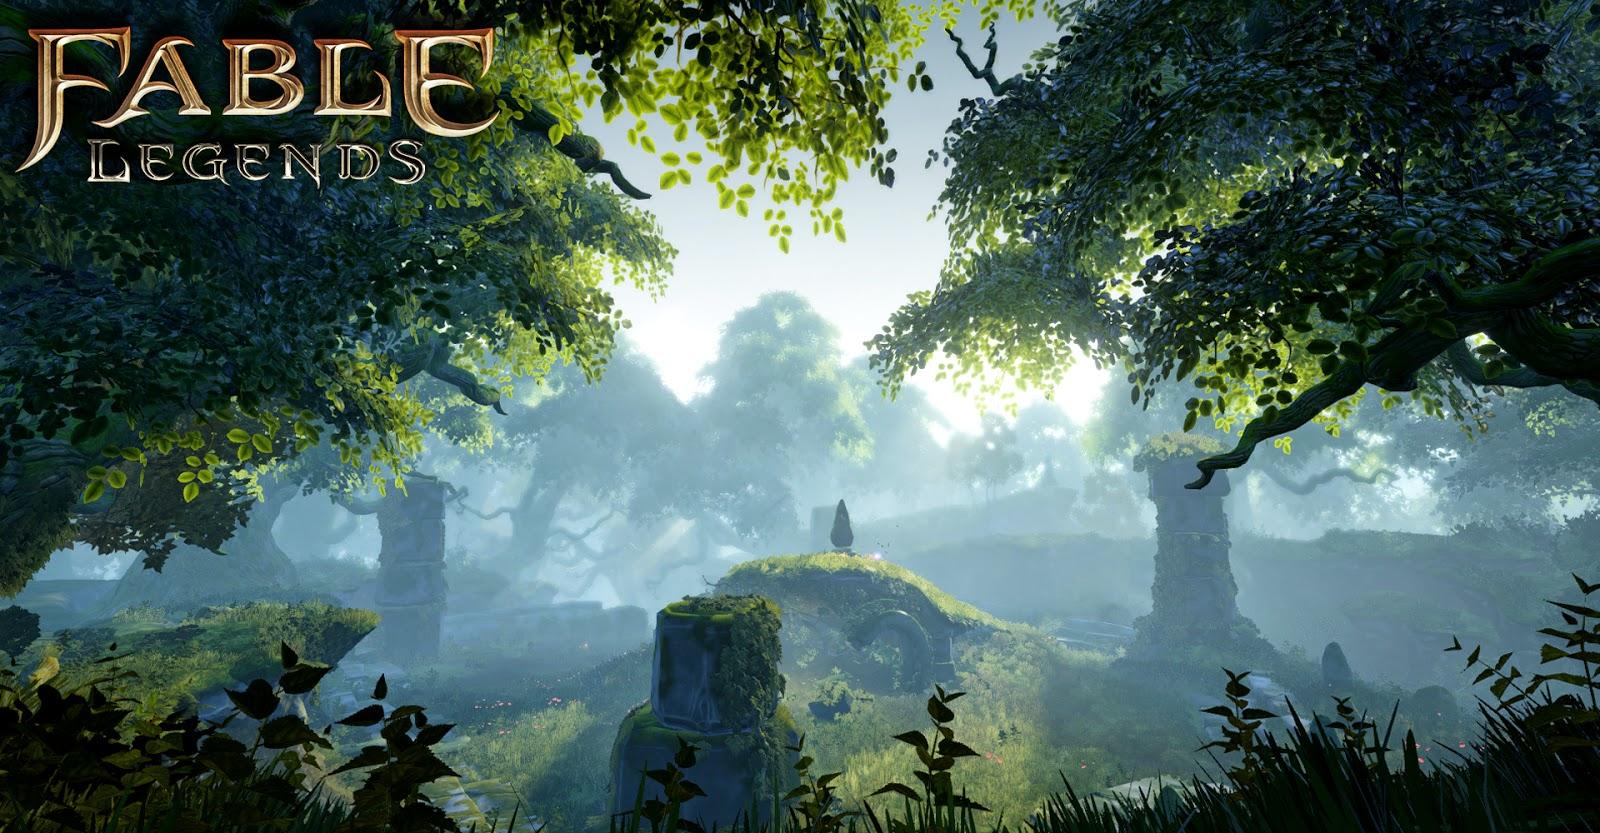 Разработчики движка Unreal Engine 4 впечатлены уровнем графики в игре Fable Legends